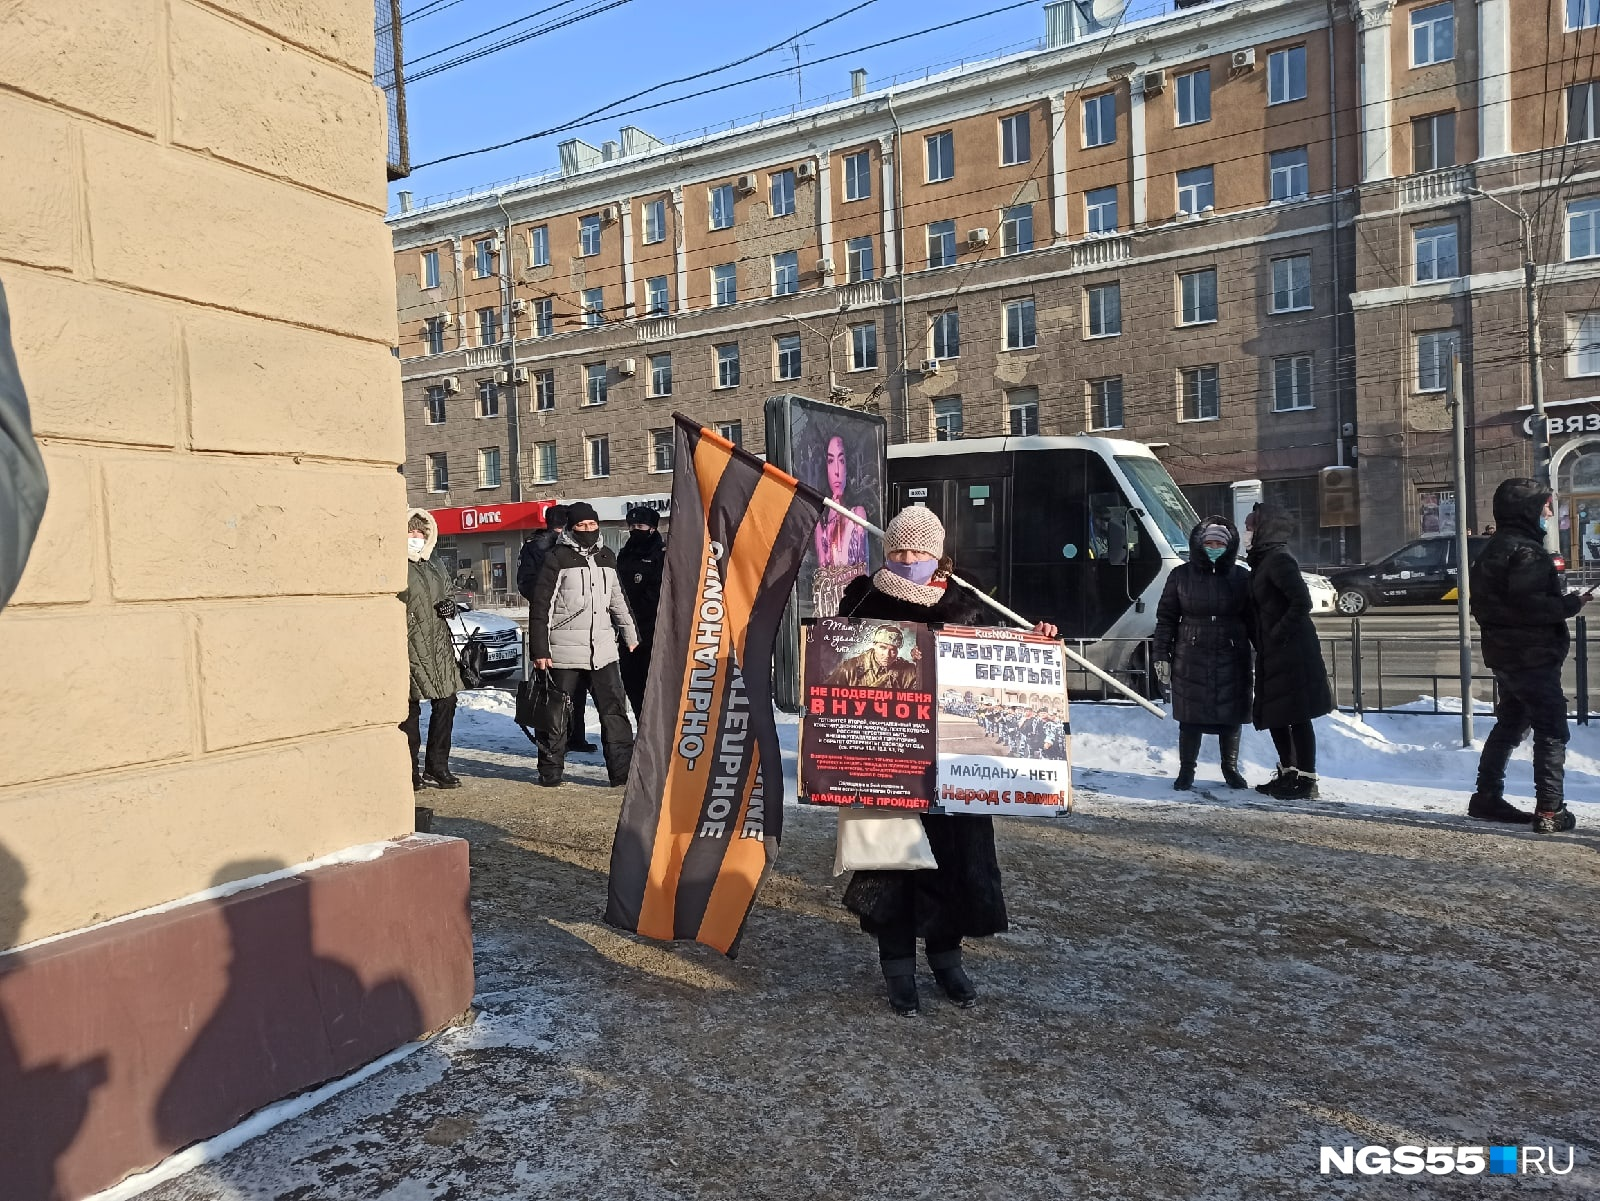 Одиночный пикет на массовом несогласованном митинге